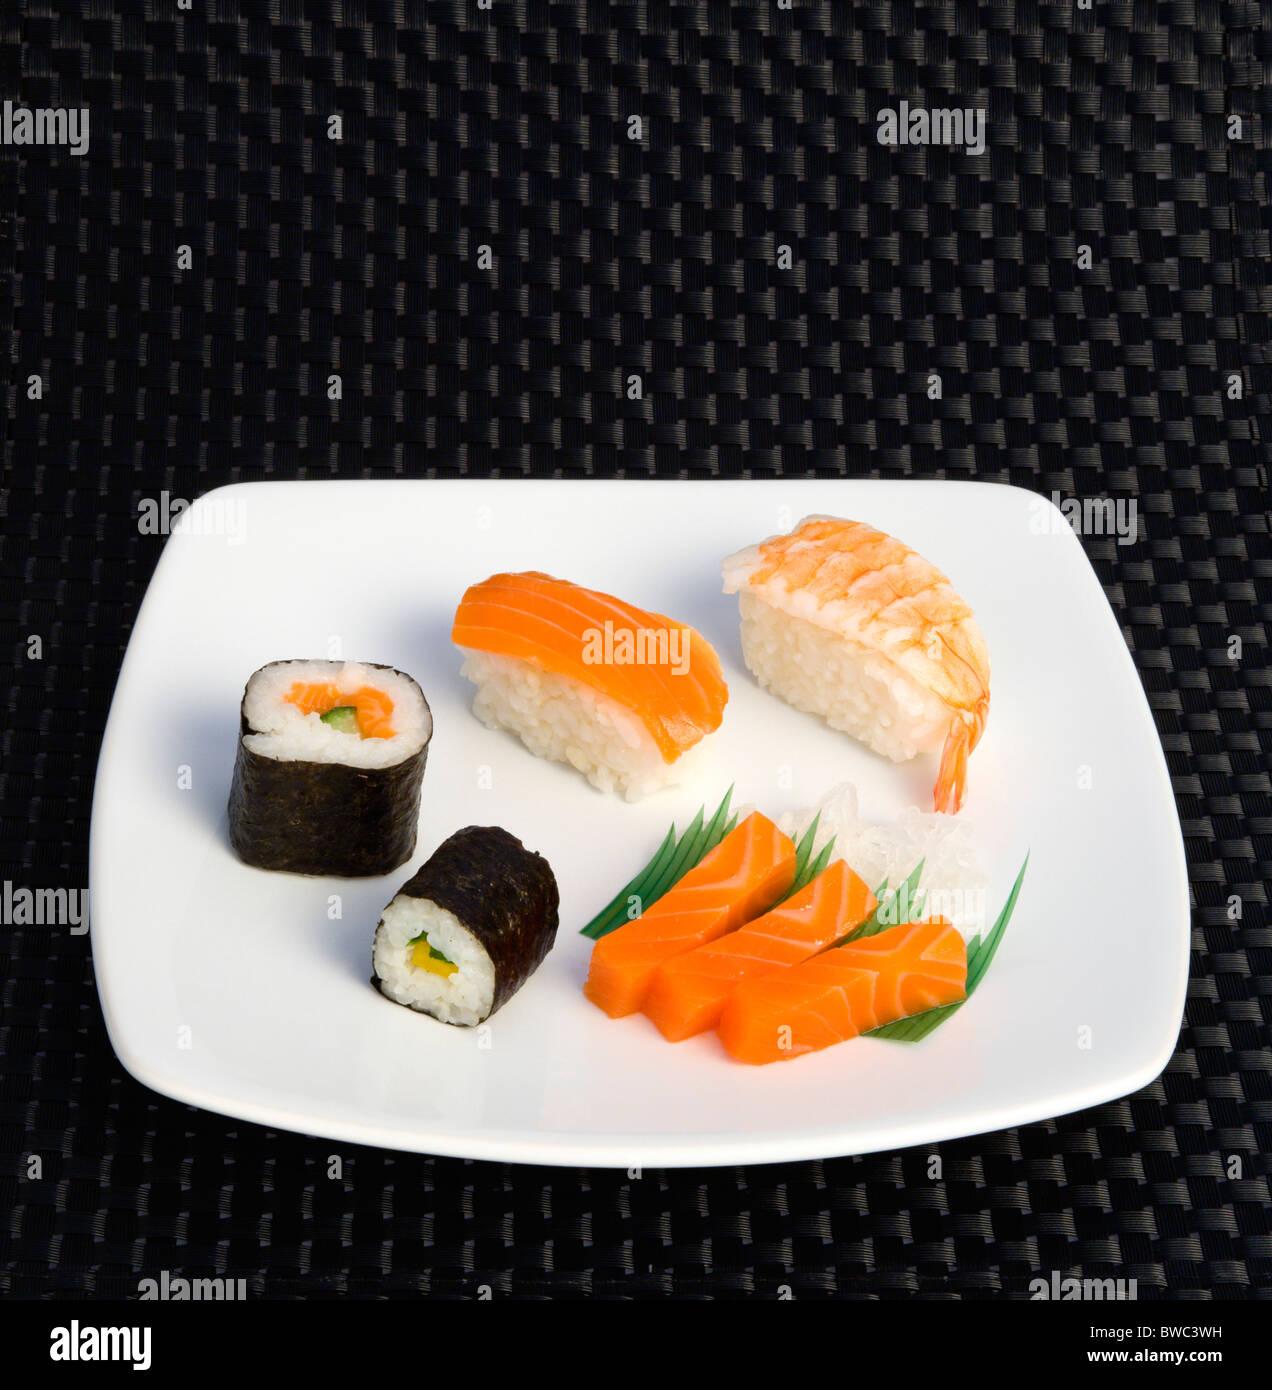 Cibo, Sushi, pasto, piastra di Sushi con riso avvolto in alghe e piatti a base di frutti di mare e pesce selezione. Immagini Stock